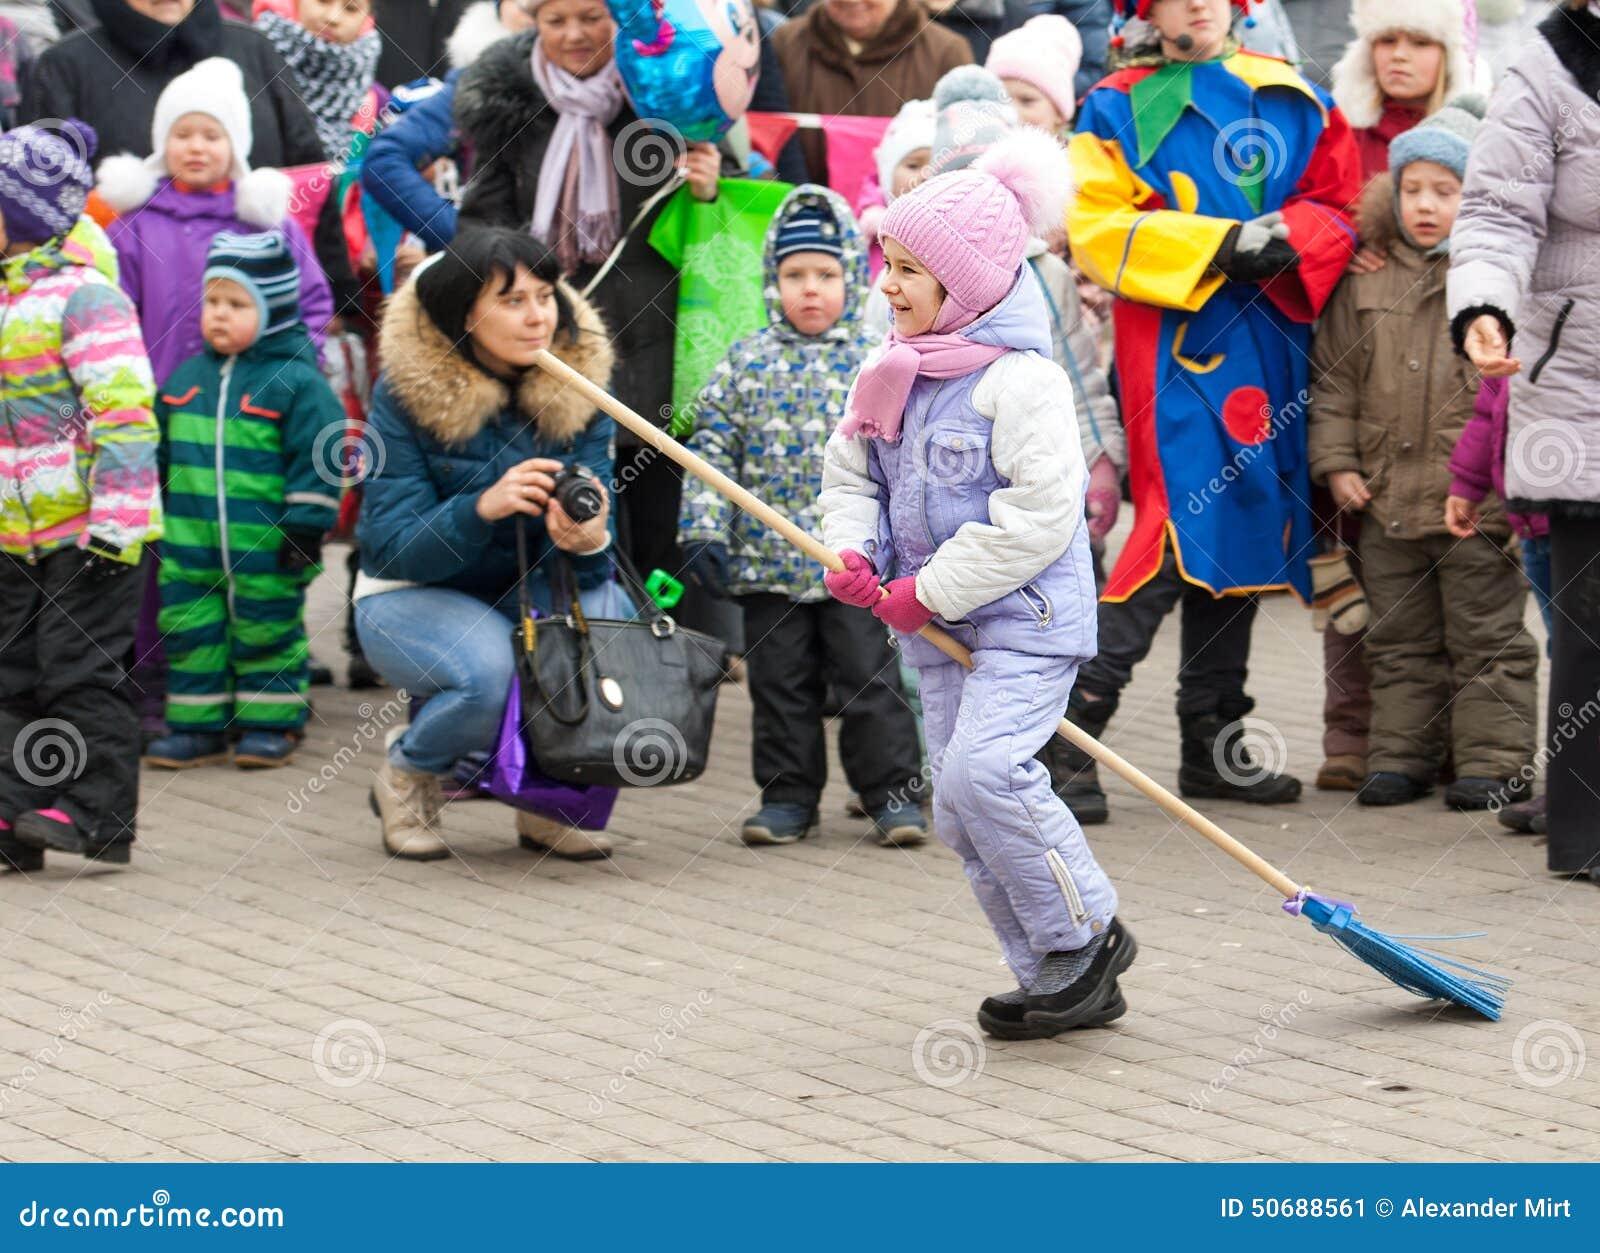 Download 巫婆奔跑 编辑类照片. 图片 包括有 服装, 活动家, 森林, 方巾, 节假日, 俄式薄煎饼, 招待, 2月 - 50688561